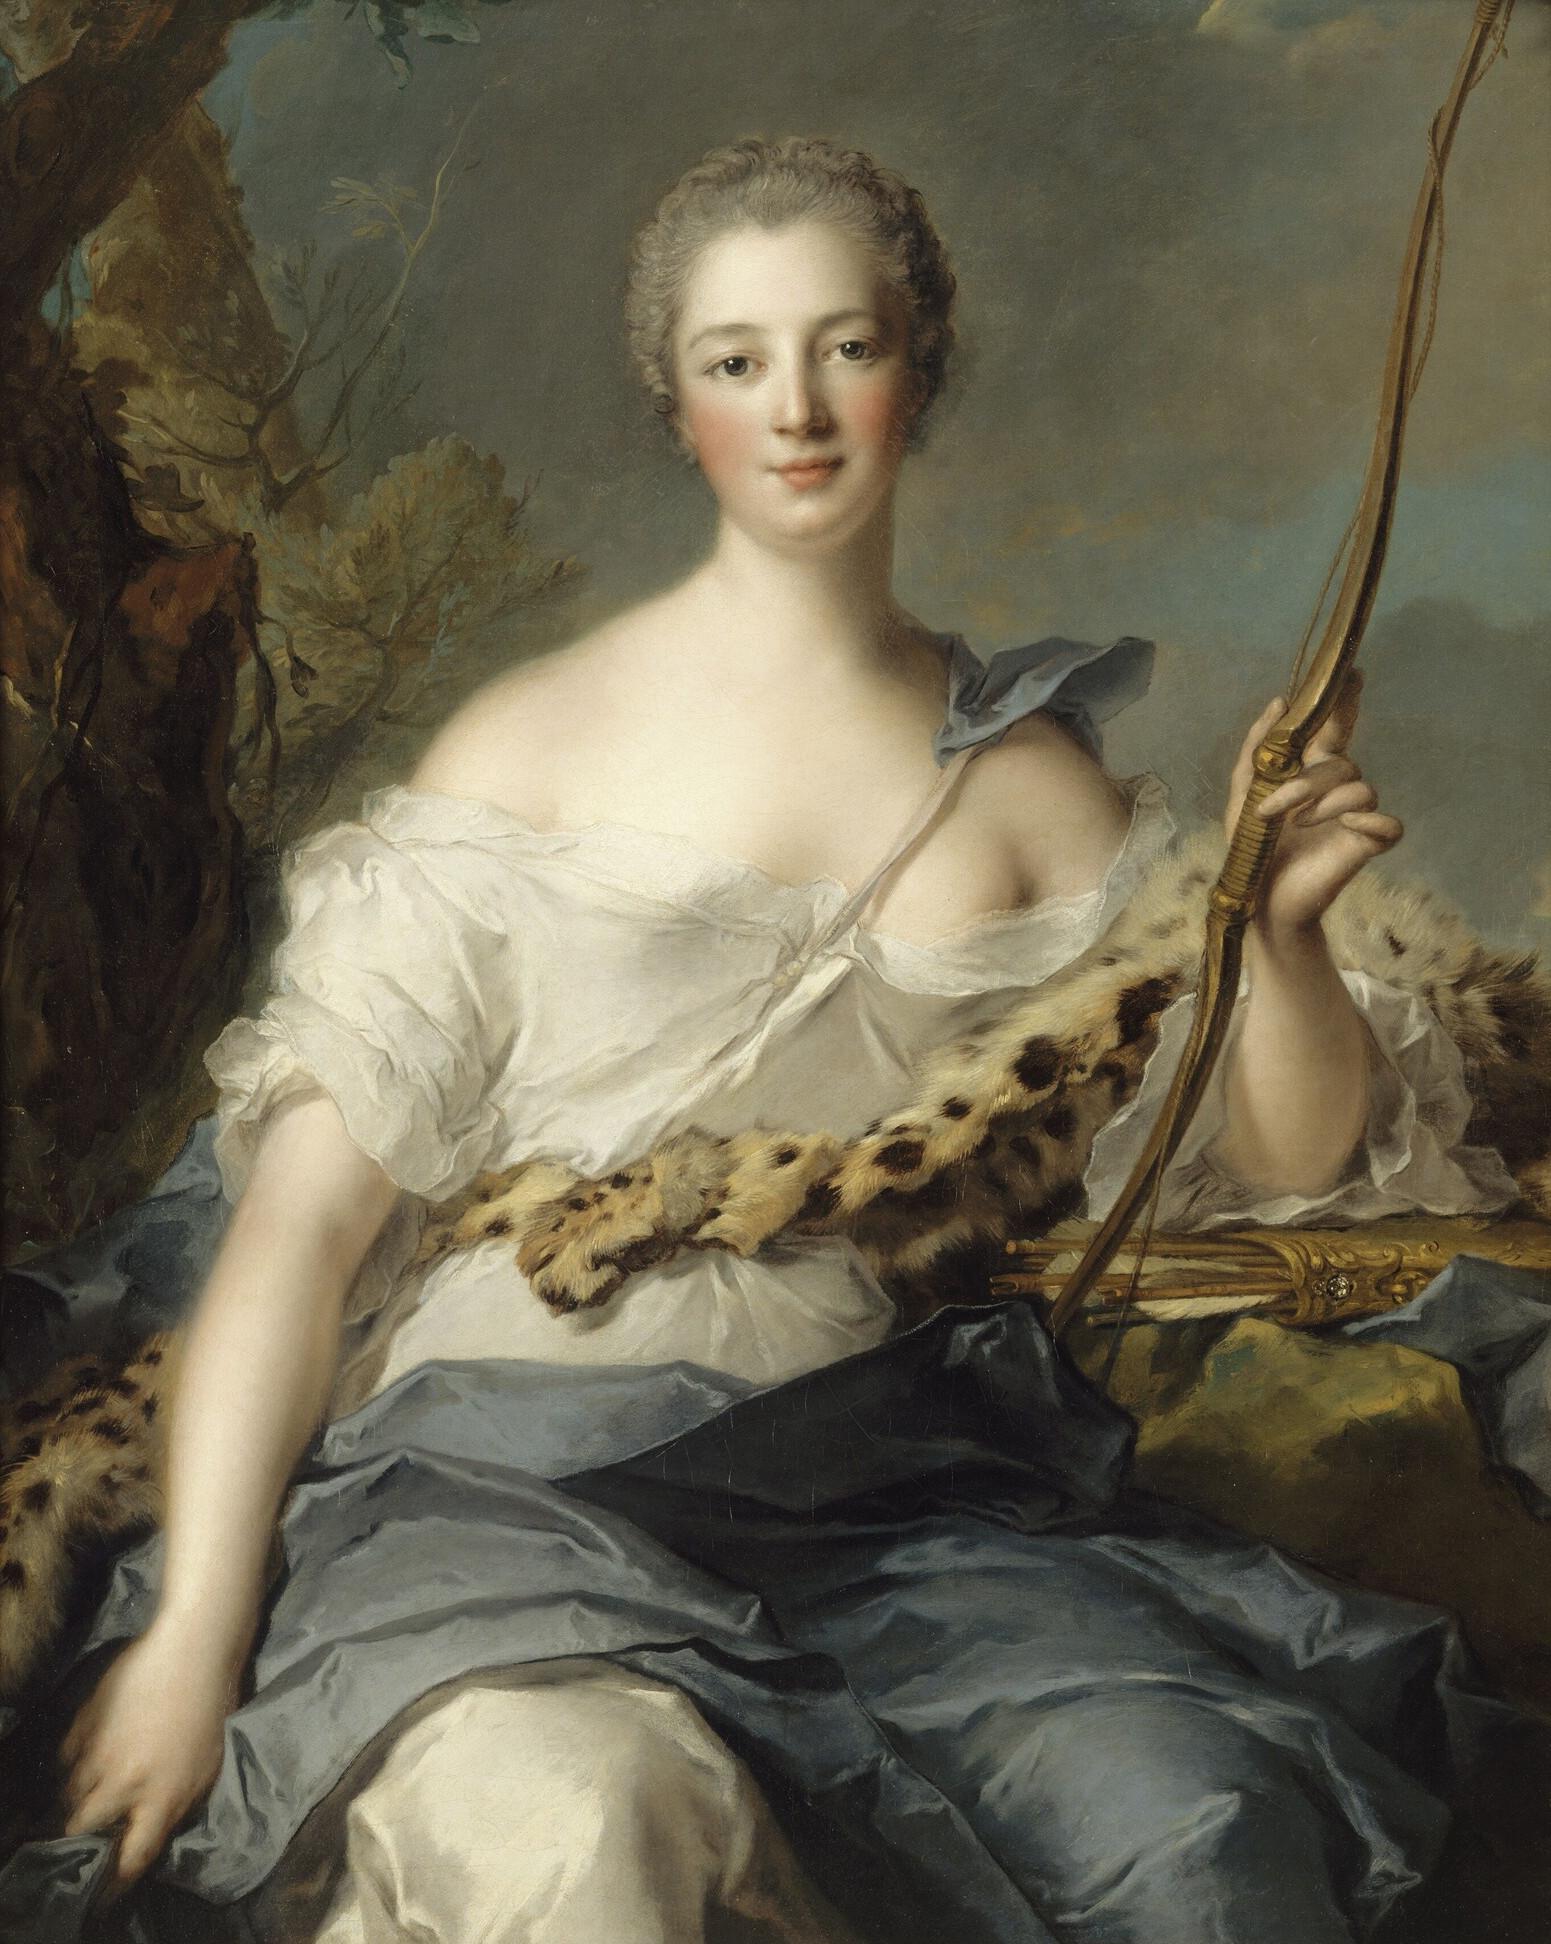 Fichier:Jean-Marc Nattier, Madame de Pompadour en Diane (1746).jpg